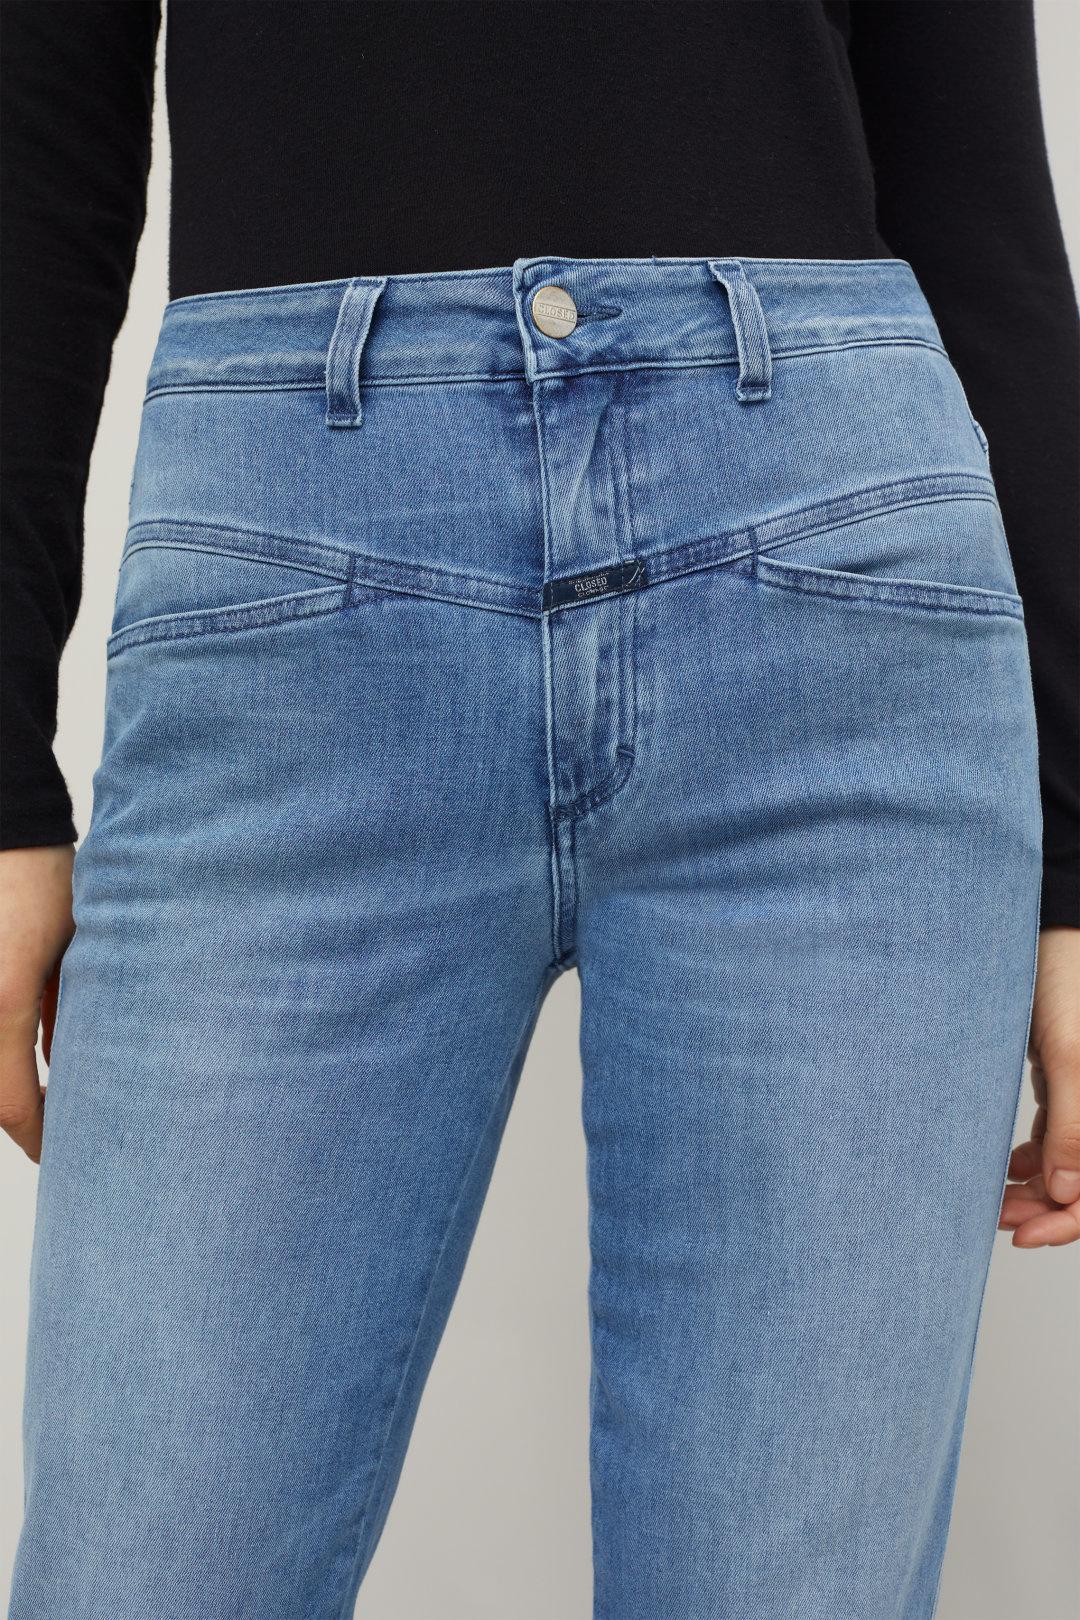 Closed Jeans C88002 06E 33-2